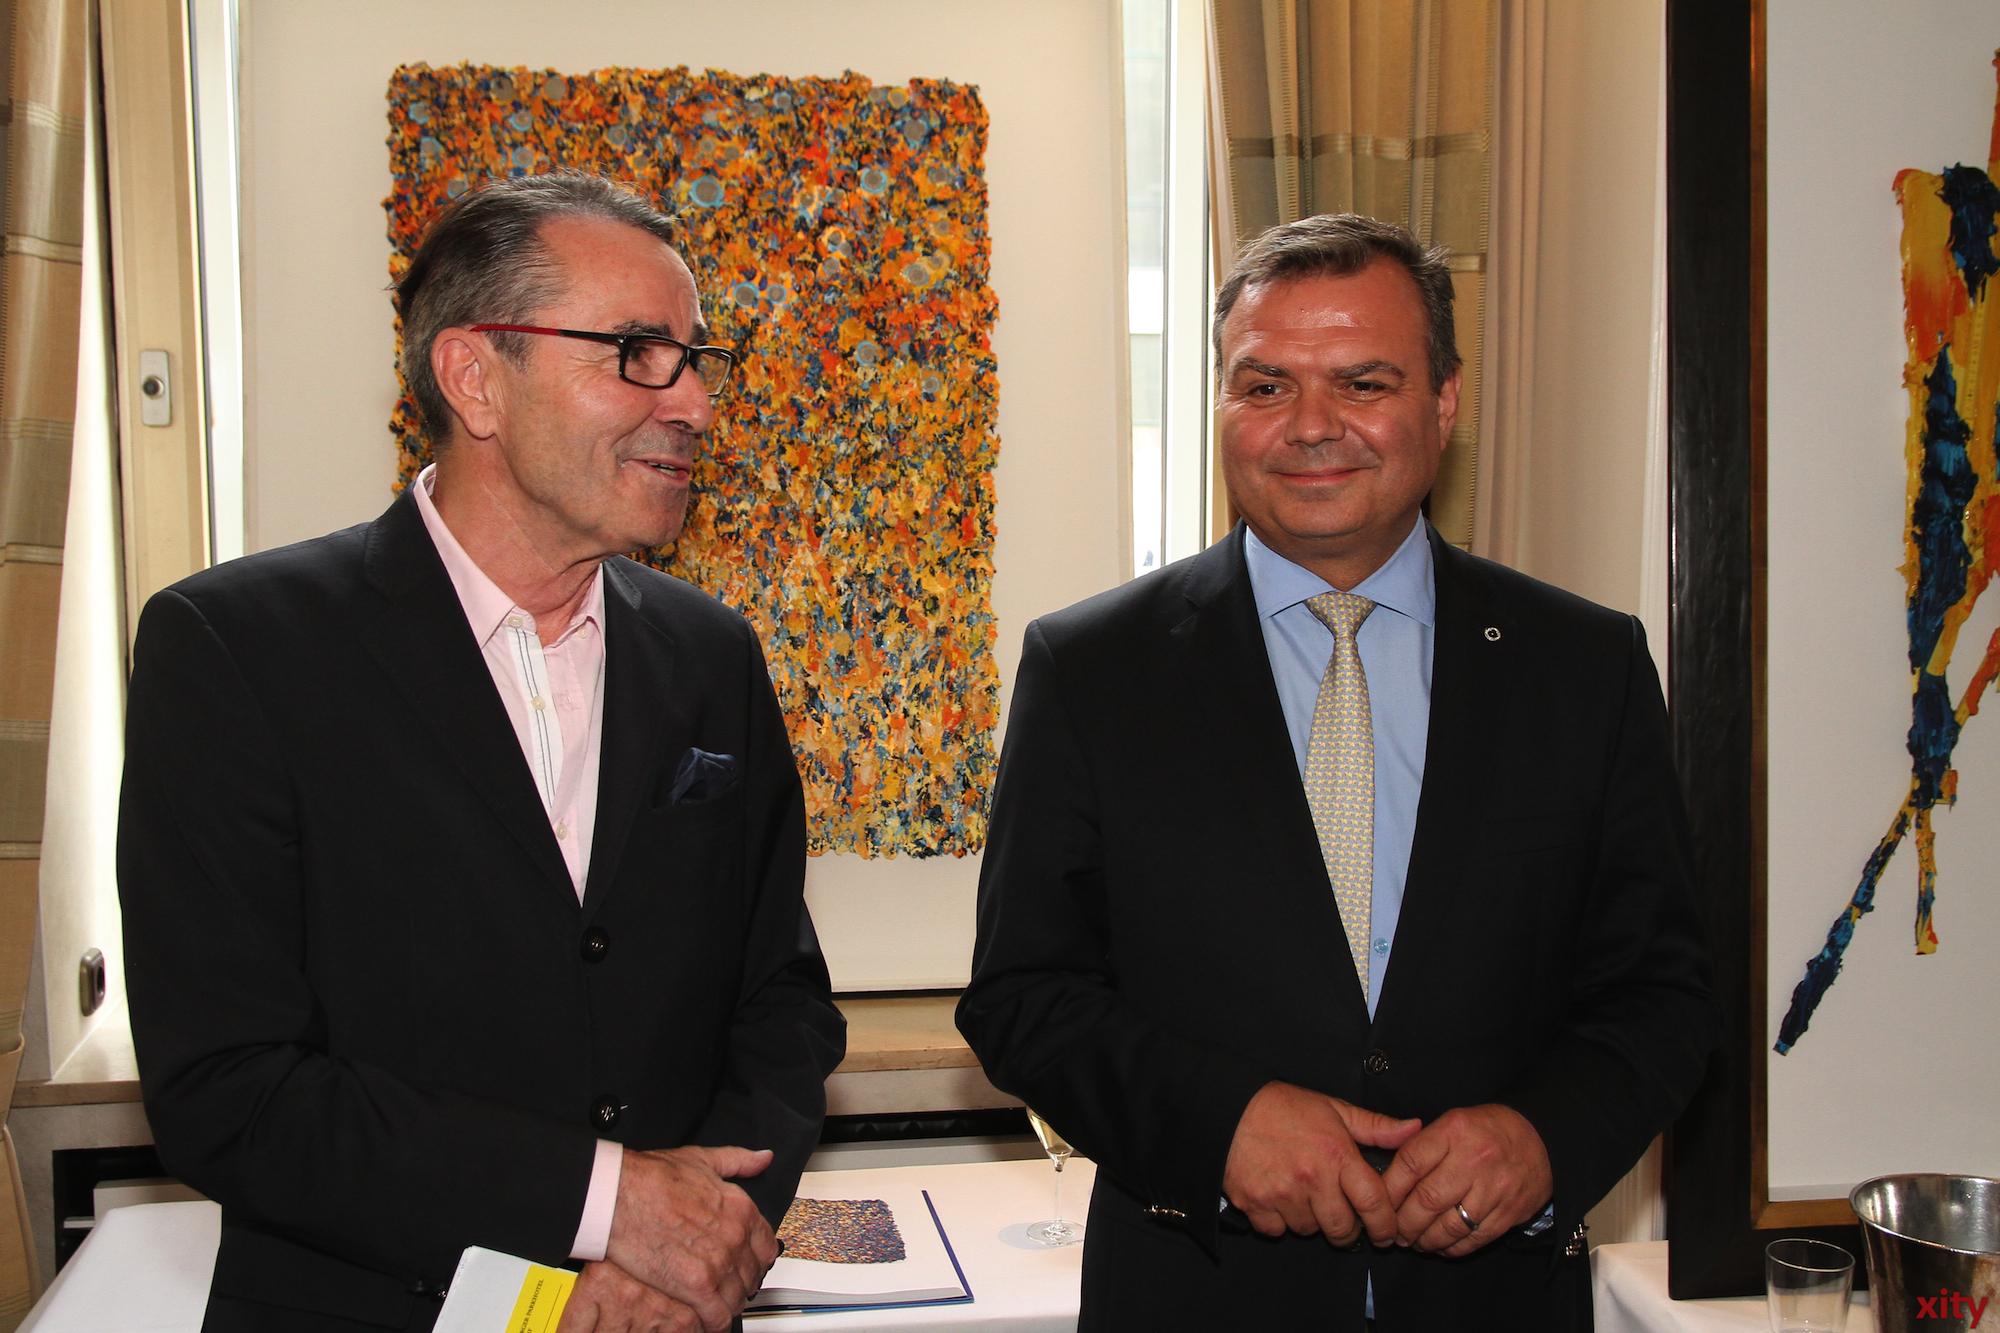 Hardy Herzmann, Organisator der Ausstellung und Steigenberger-Direktor Carsten Fritz (Foto: xity)